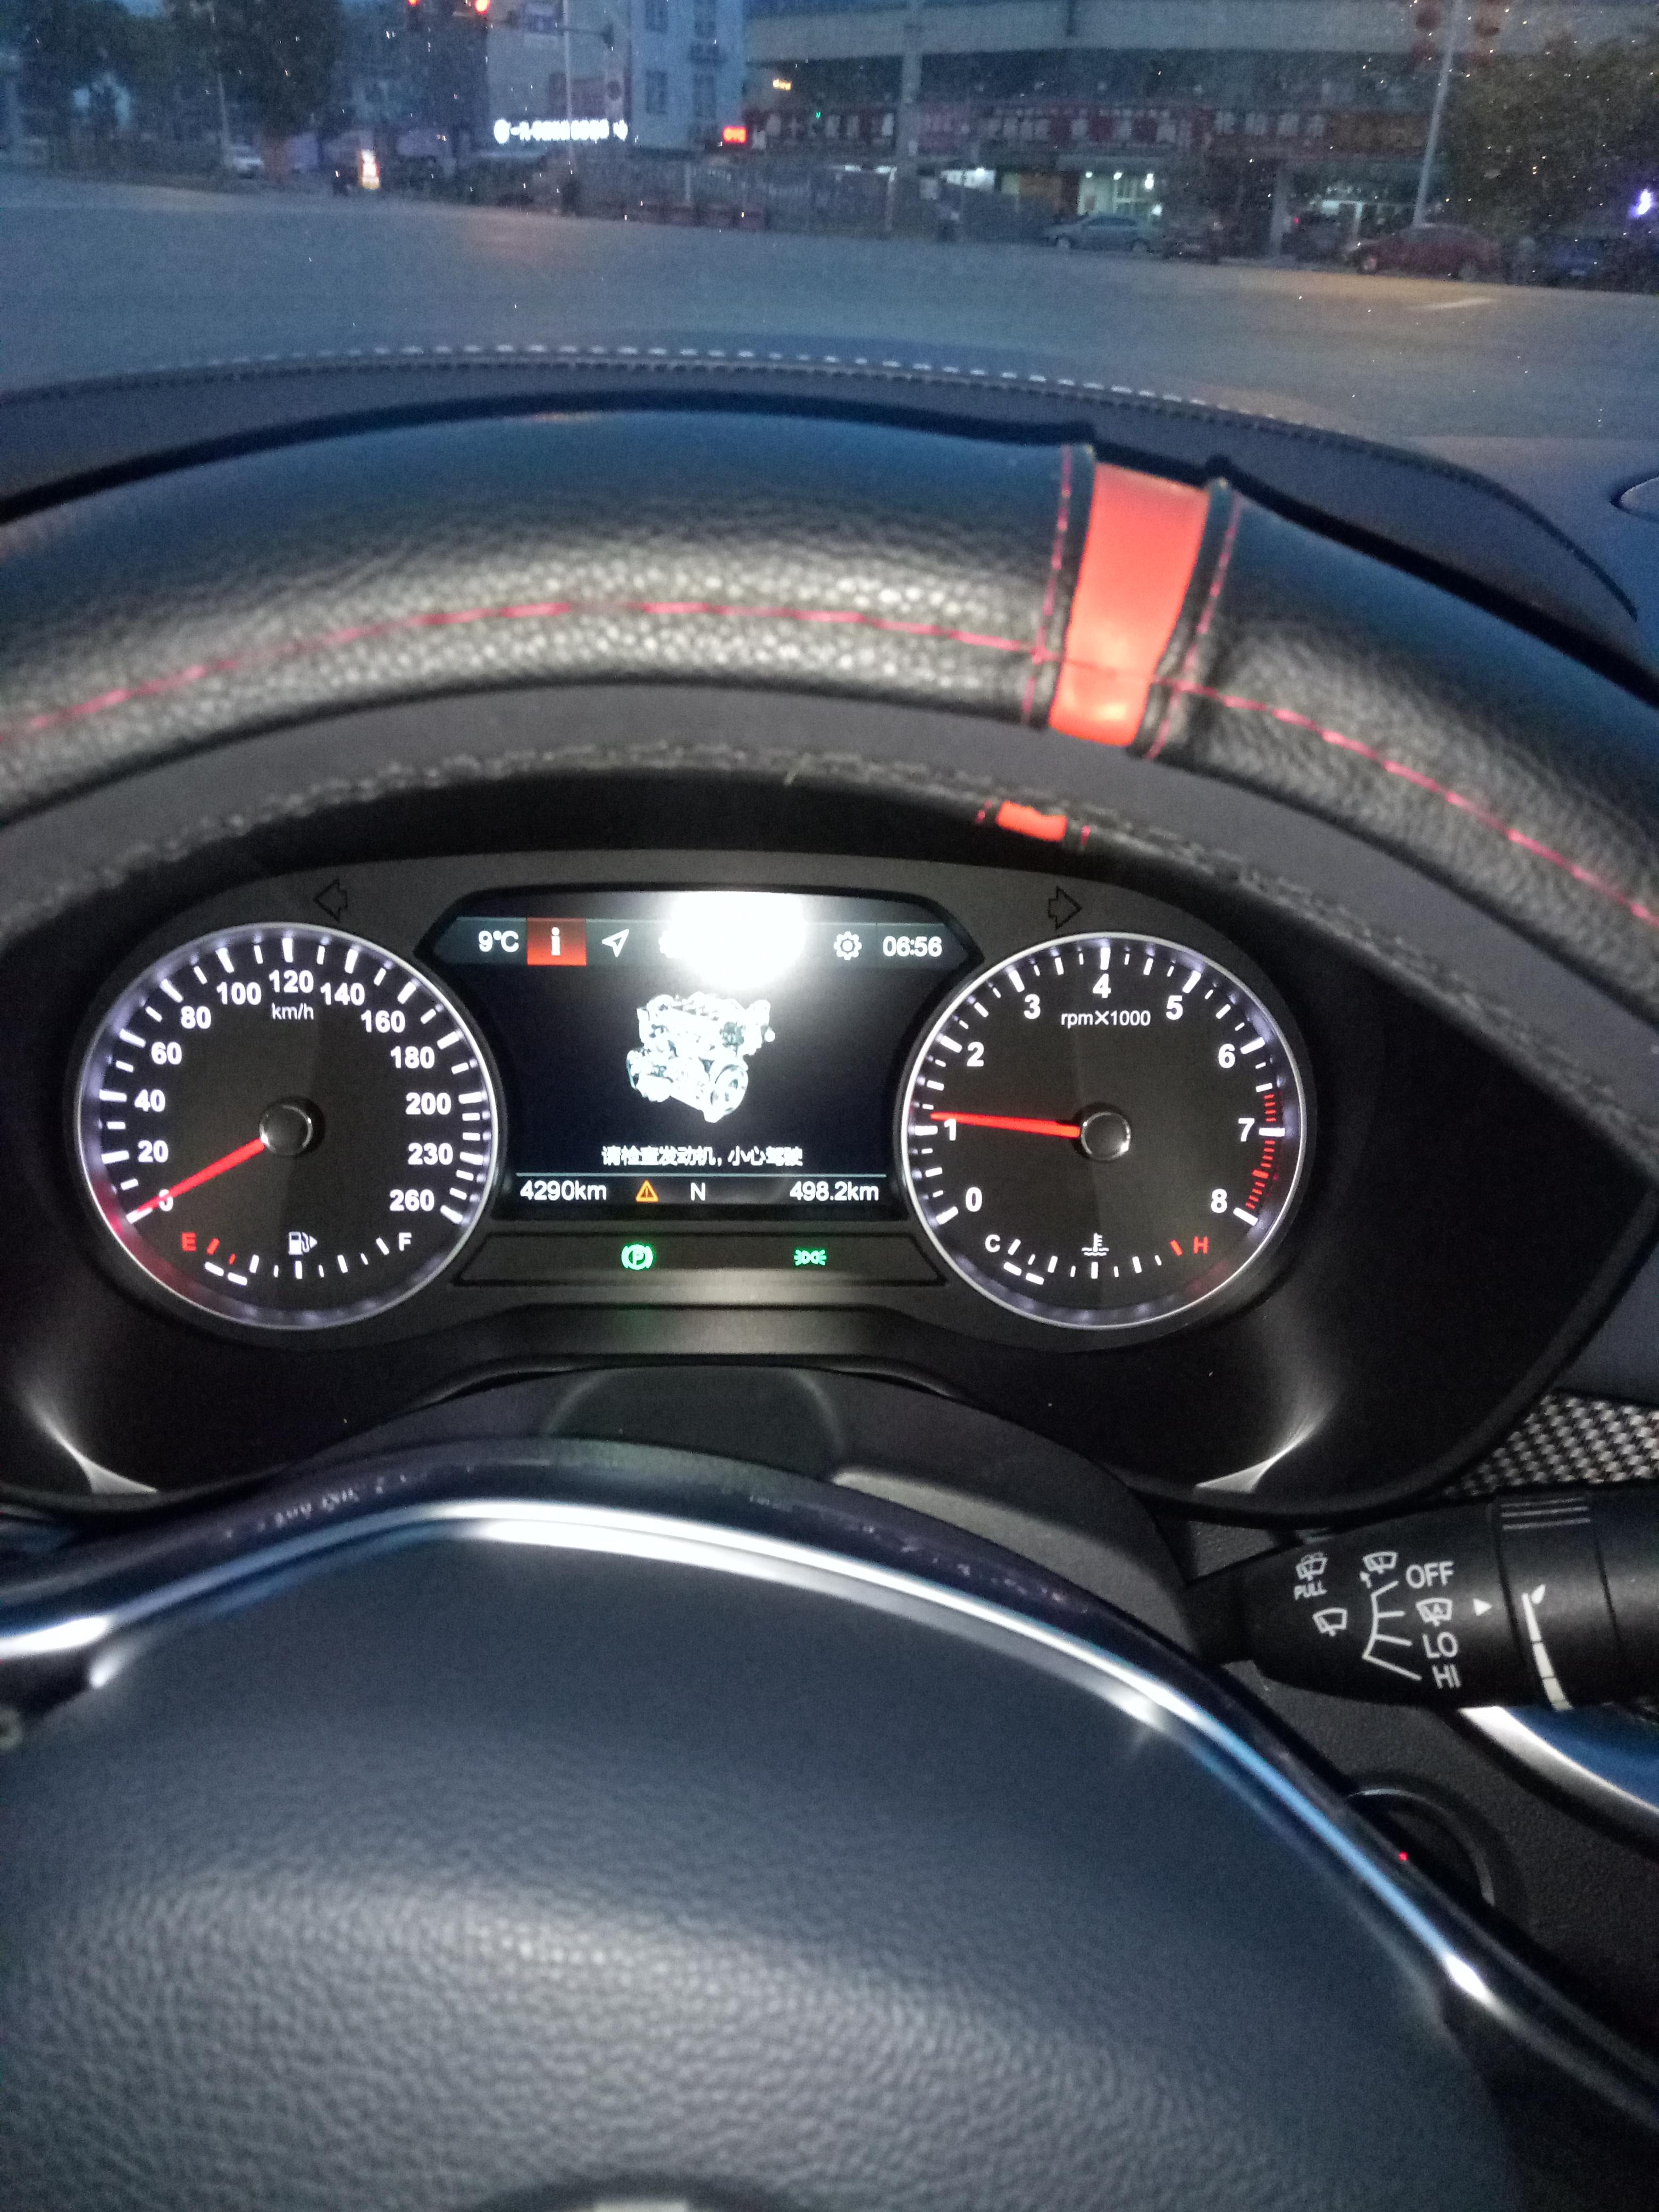 冷车起动,怠速不稳,发动机故障灯亮,车发抖,动力不足